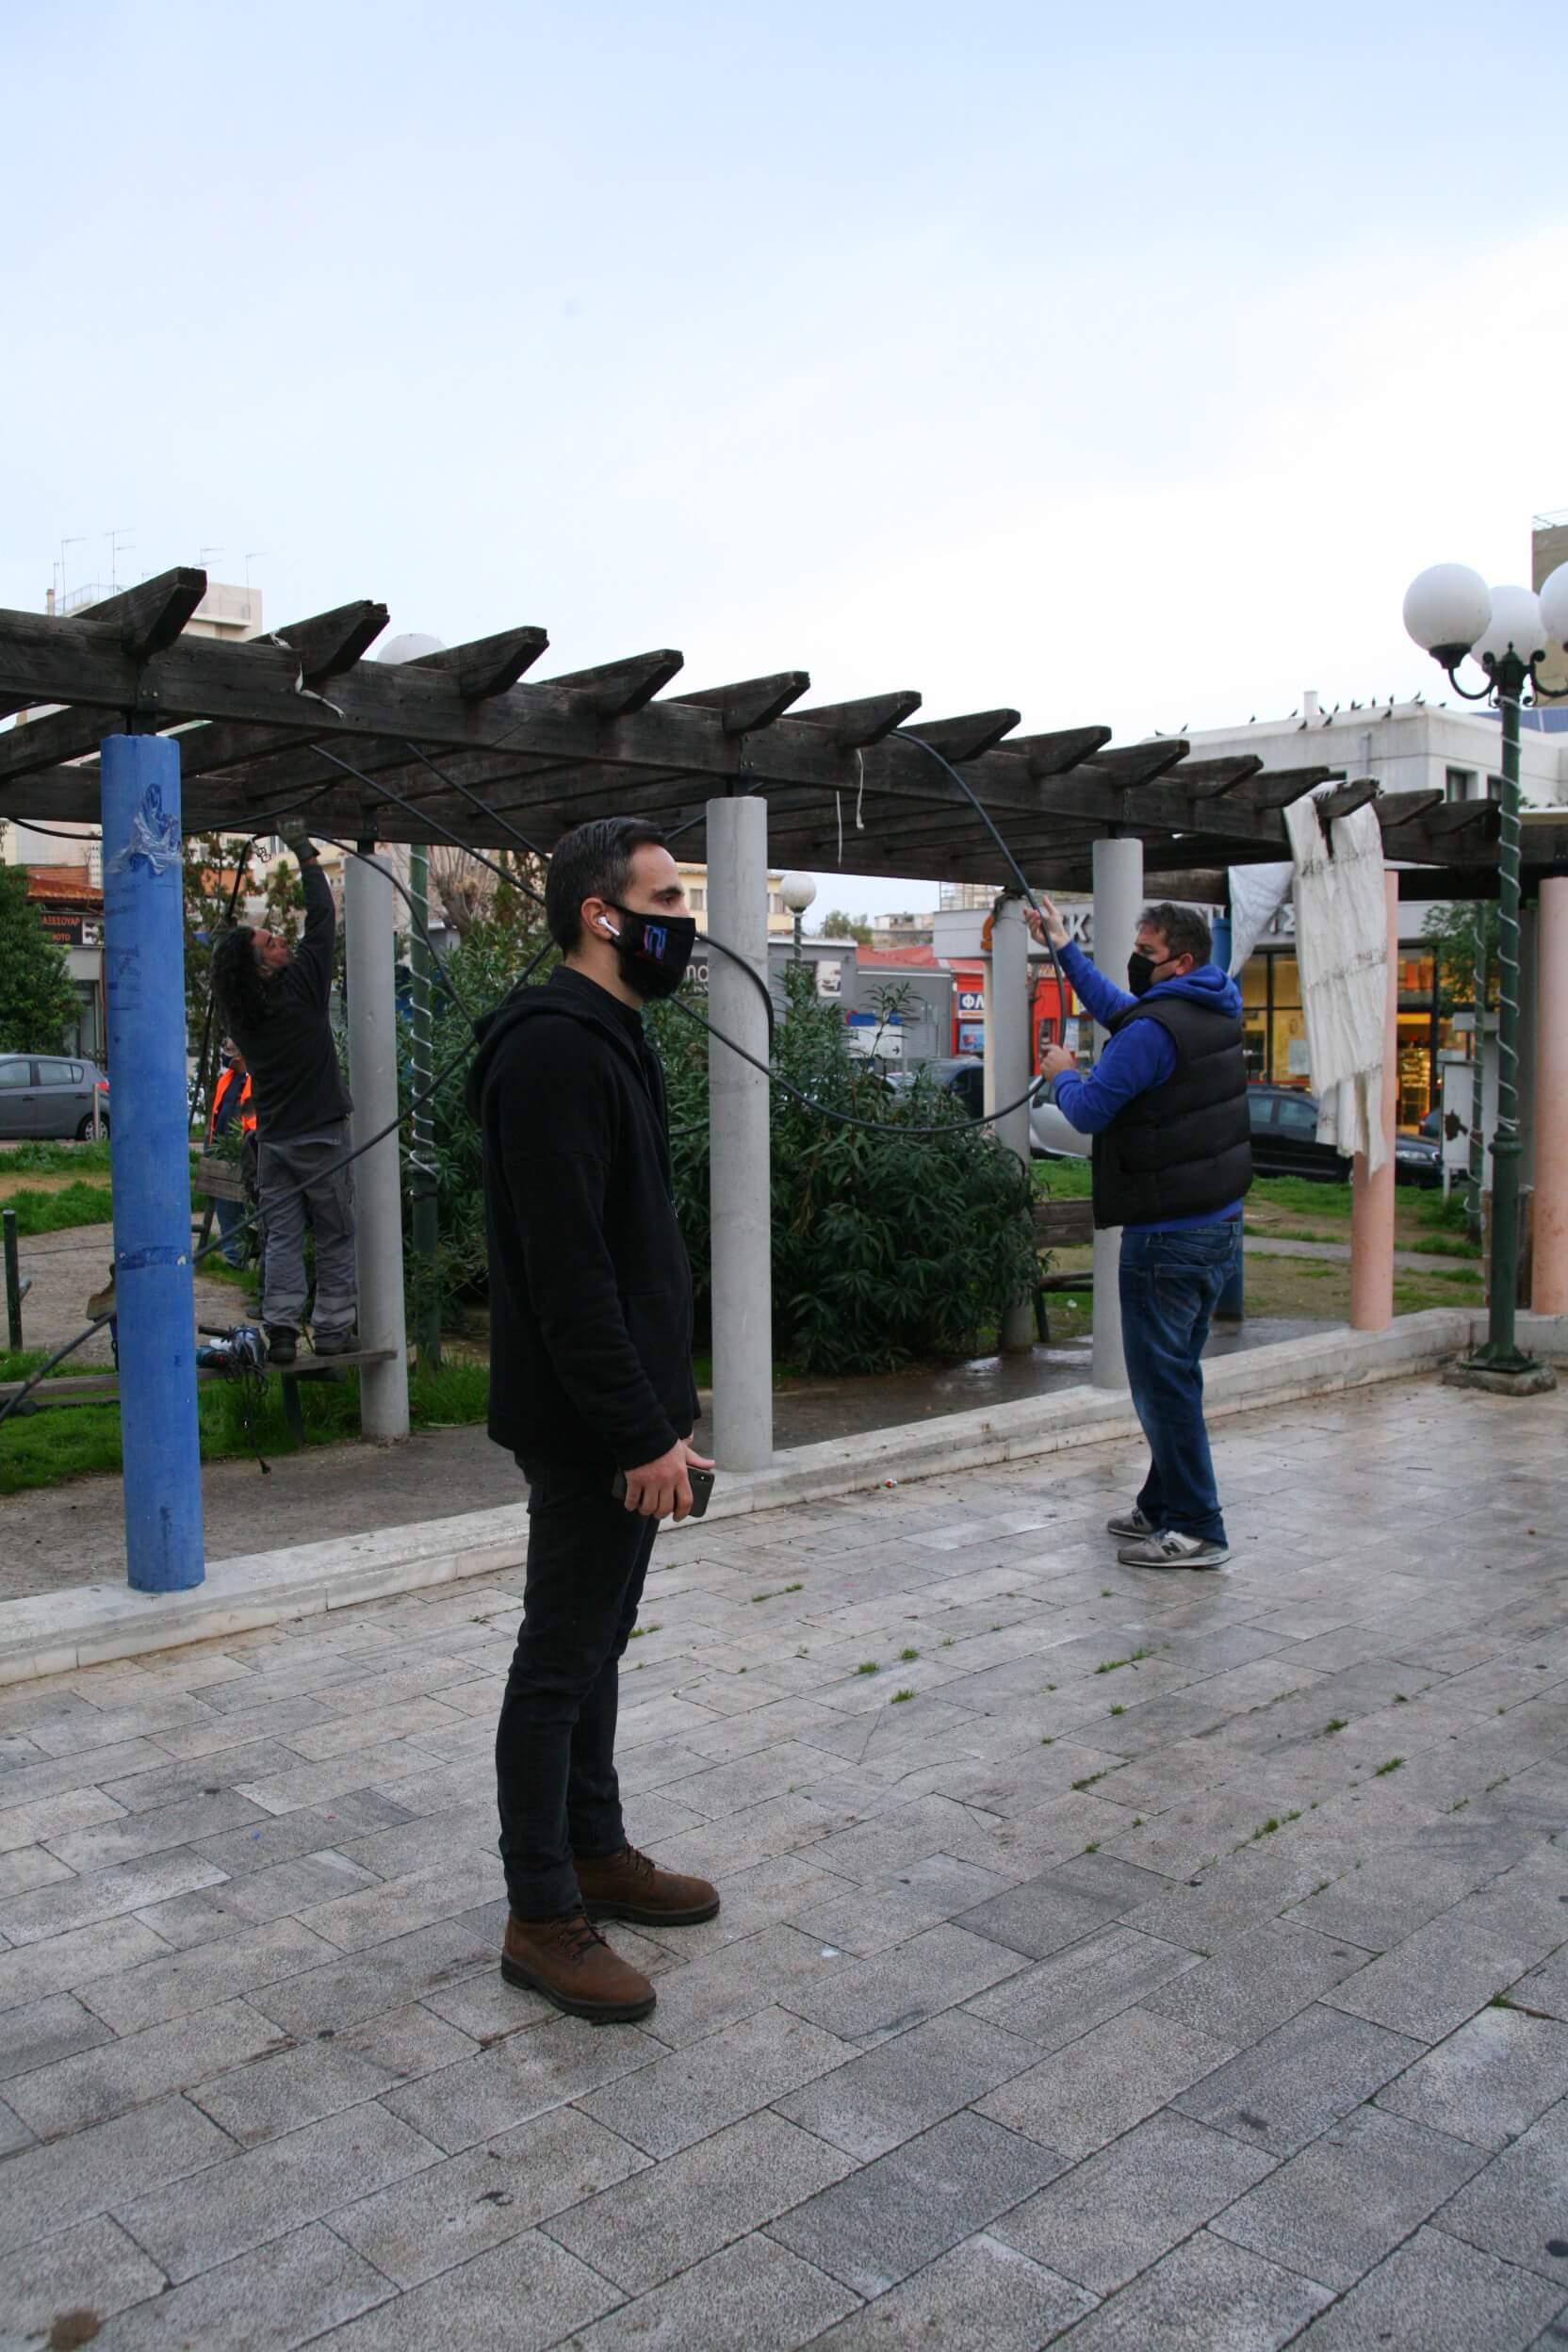 Δήμος Πειραιά : Συντονισμένη επιχείρηση καθαρισμού πλατειών